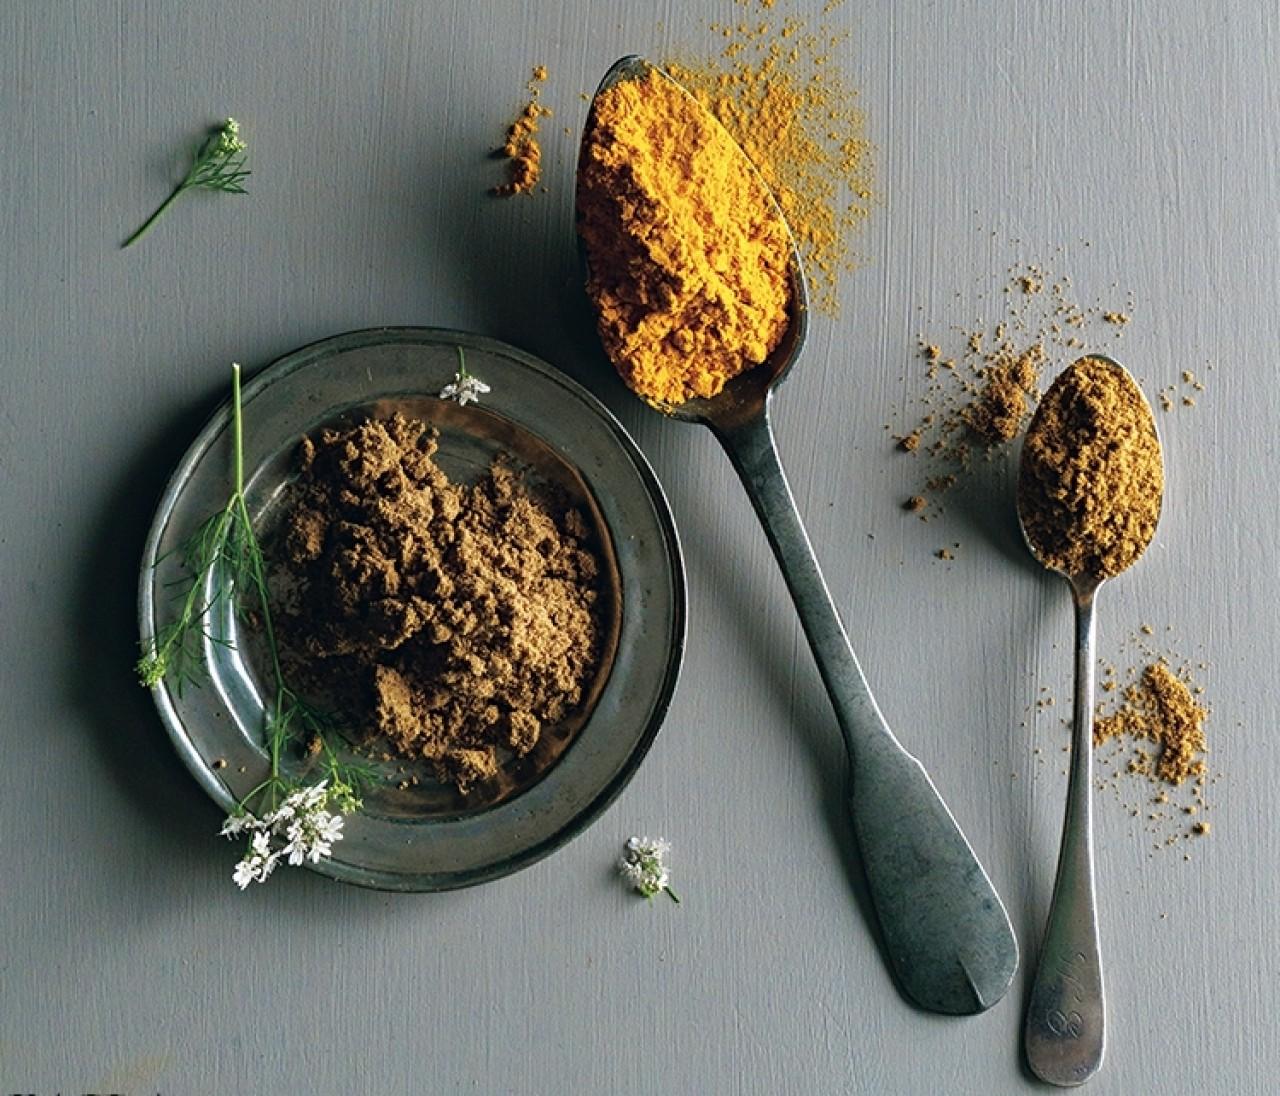 【印度カリー子さんの簡単スパイスレシピ9選】万能カレーの素、グレイビーソースの作り方は必見!3つのスパイスですぐできる!